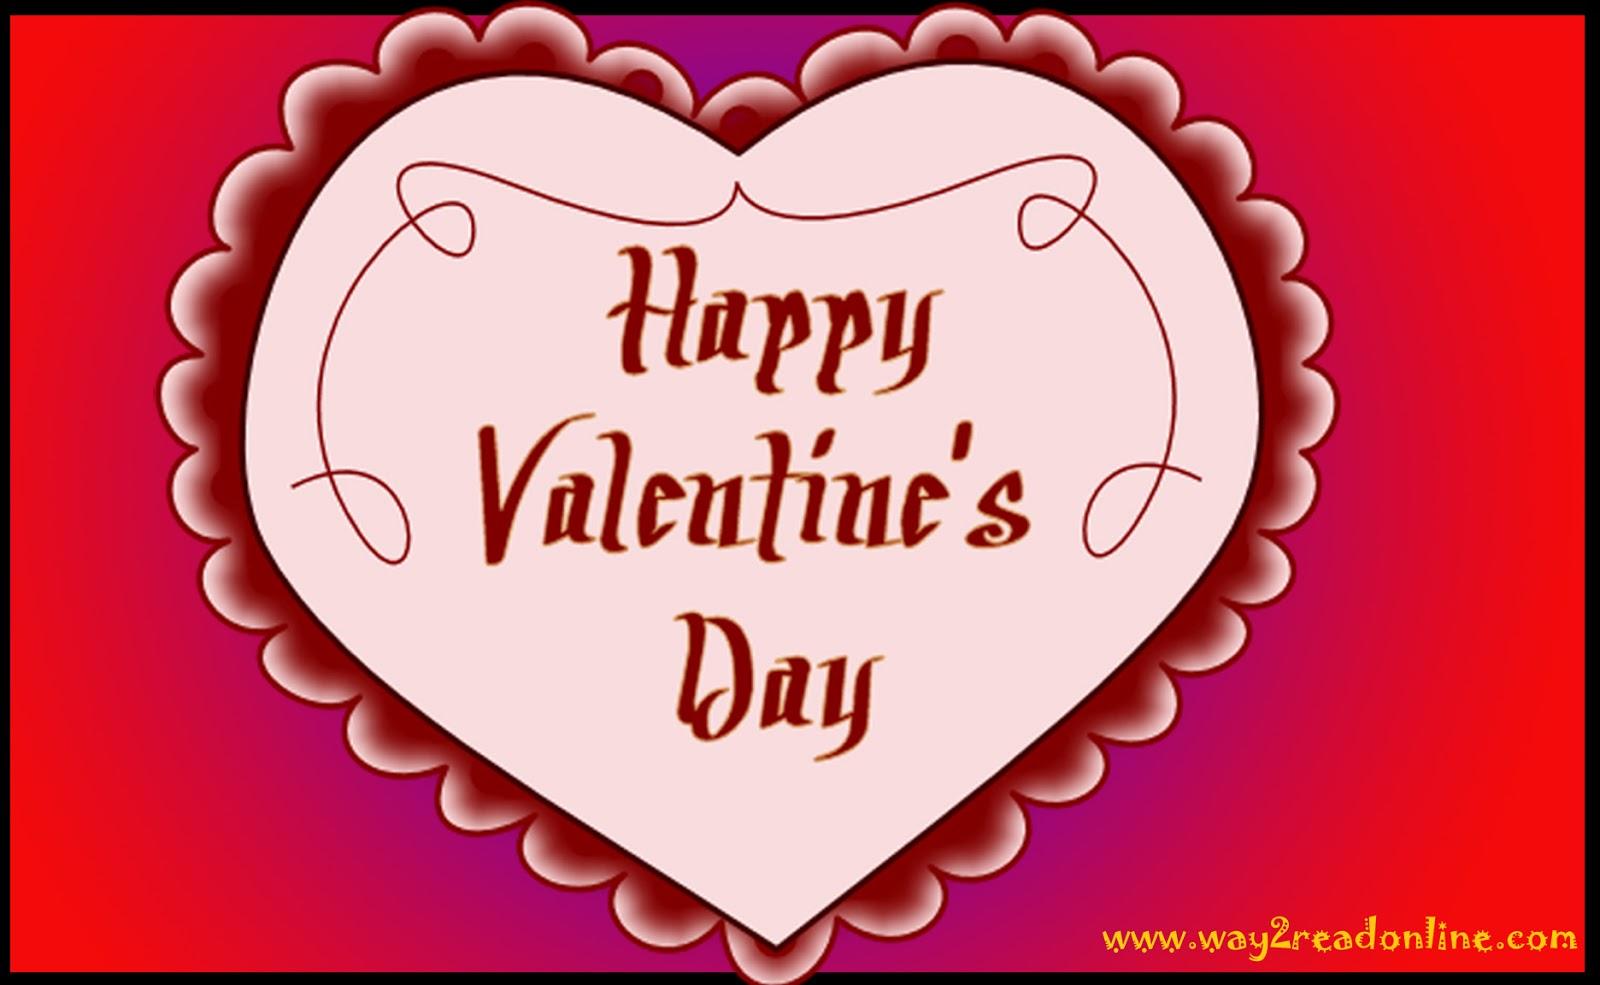 http://1.bp.blogspot.com/-v1Q_OeQu0cg/UPf212po2jI/AAAAAAAADDI/OfBYha-b1gY/s1600/Happy%2Bvalentine%2Bday%2B2013%2Bgreetings%2Bwallpaper.jpg